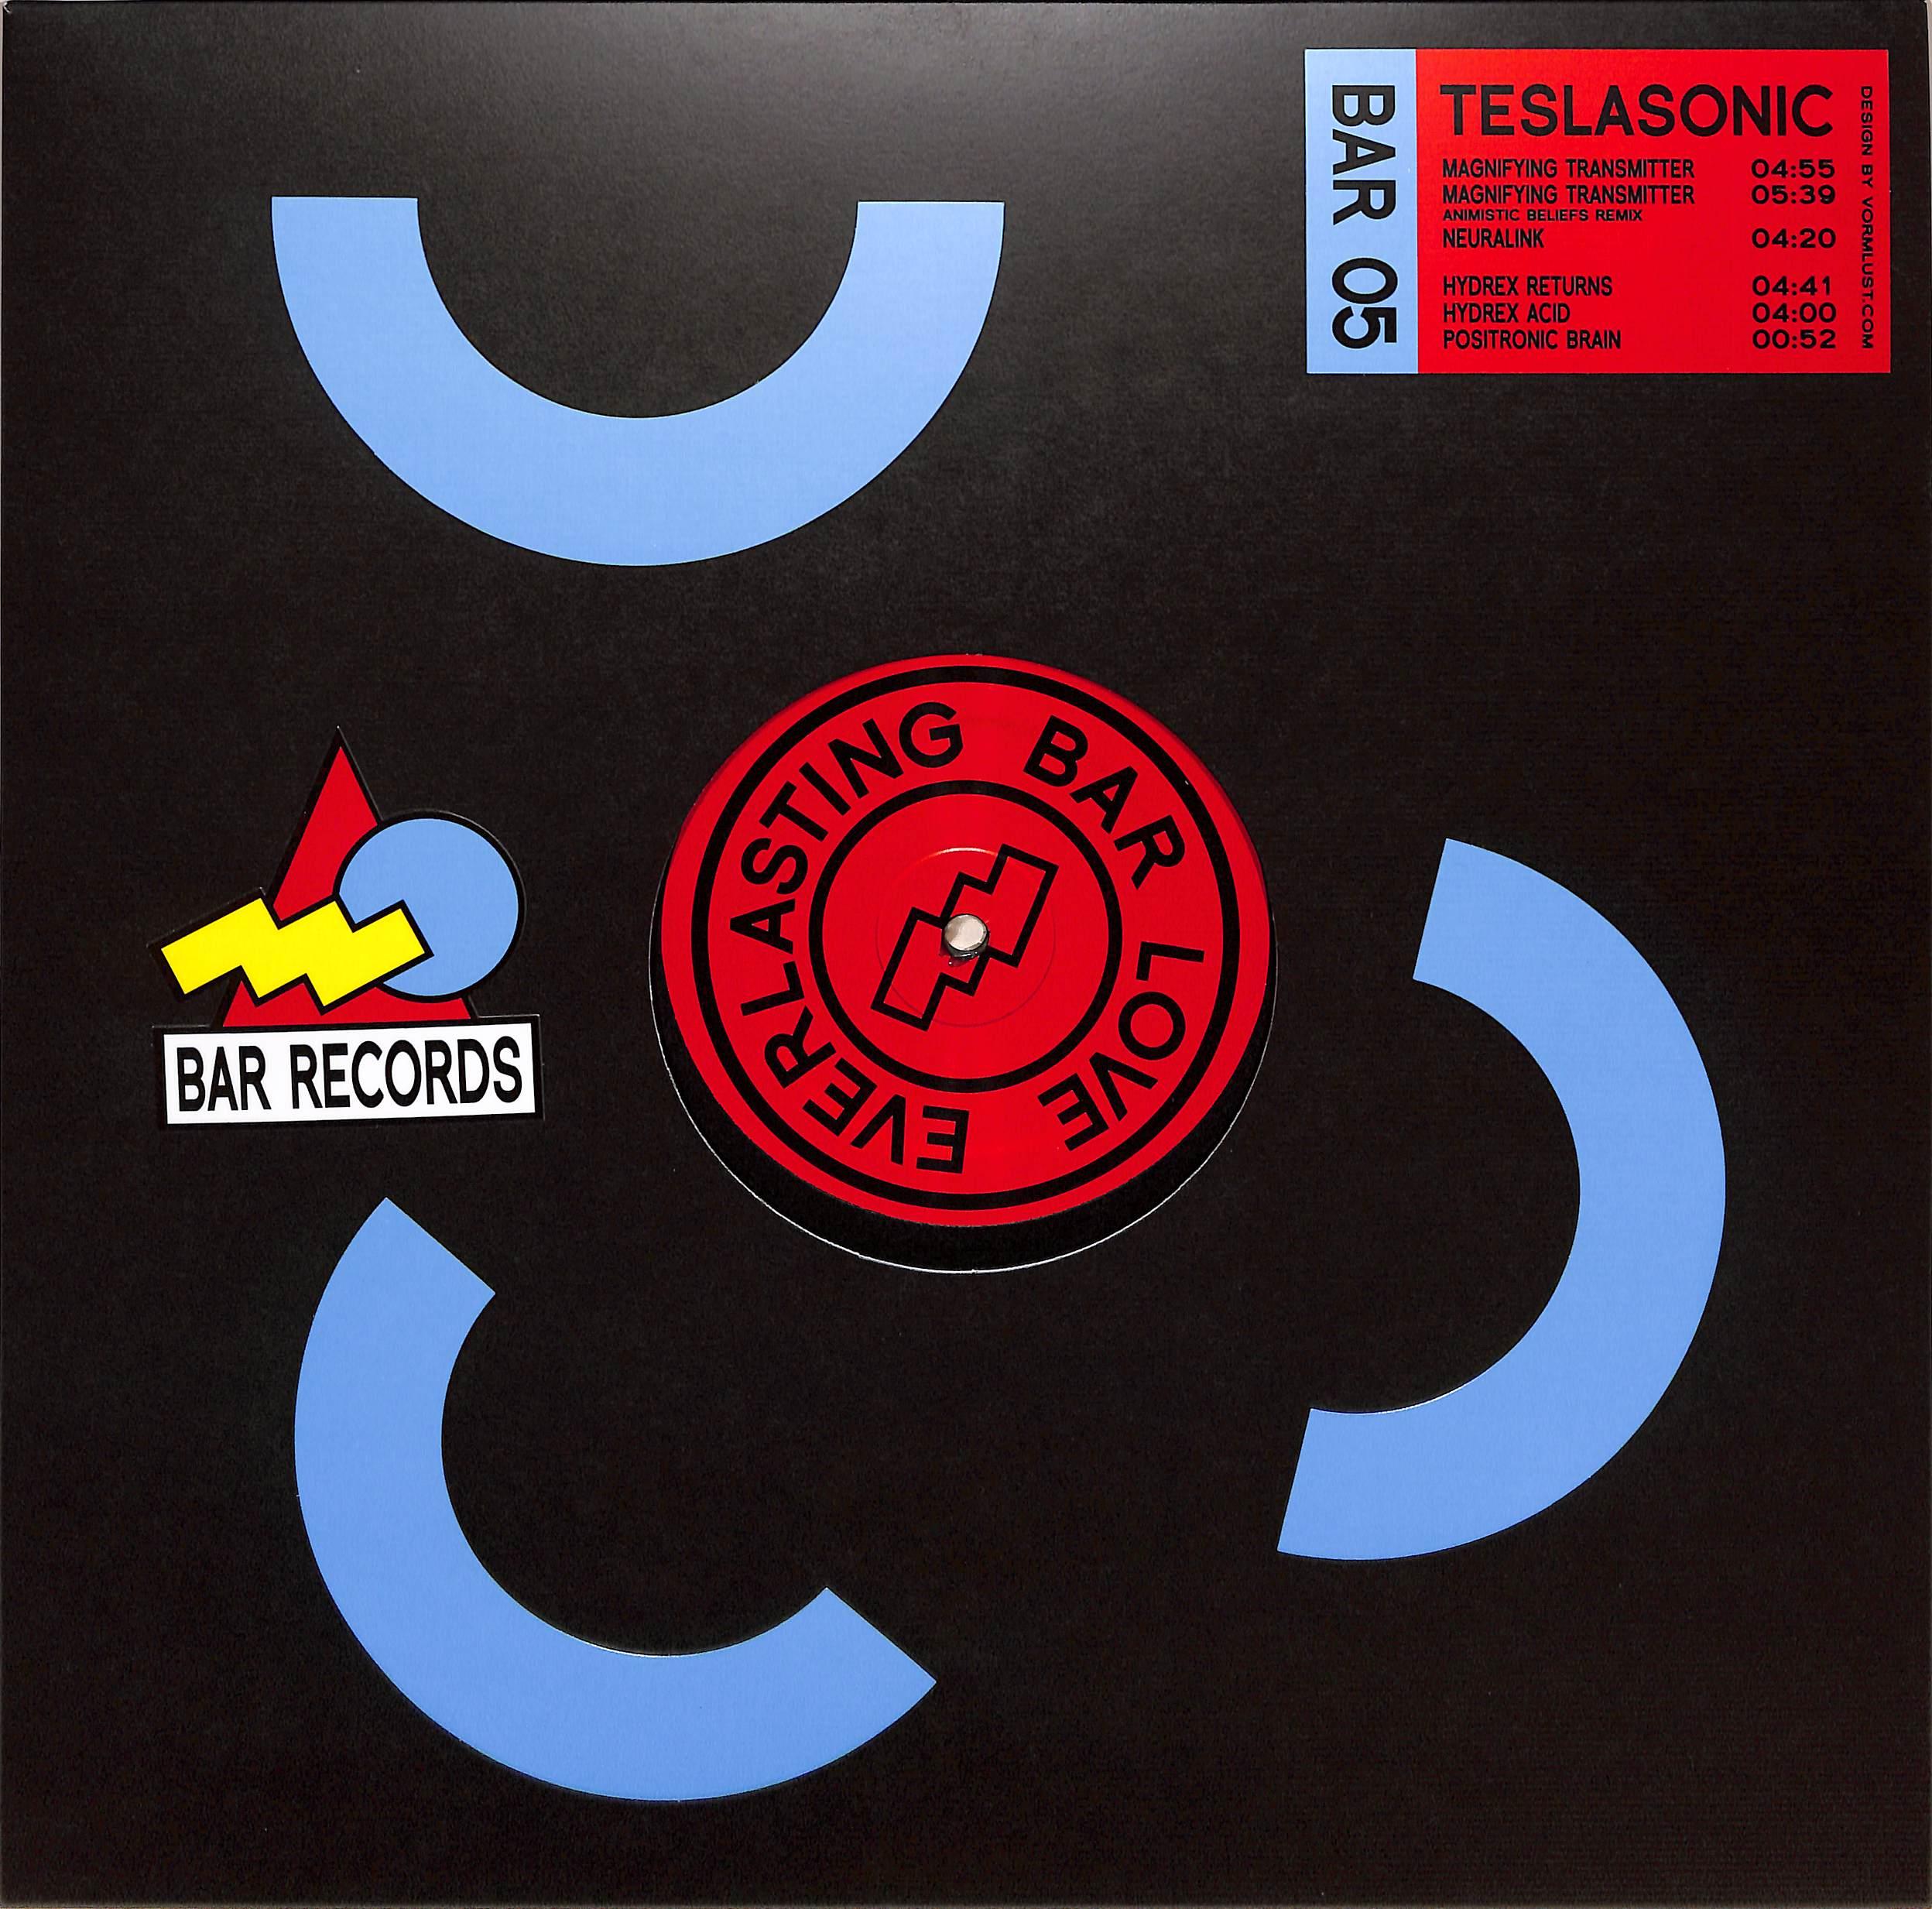 Teslasonic - BAR RECORDS 05